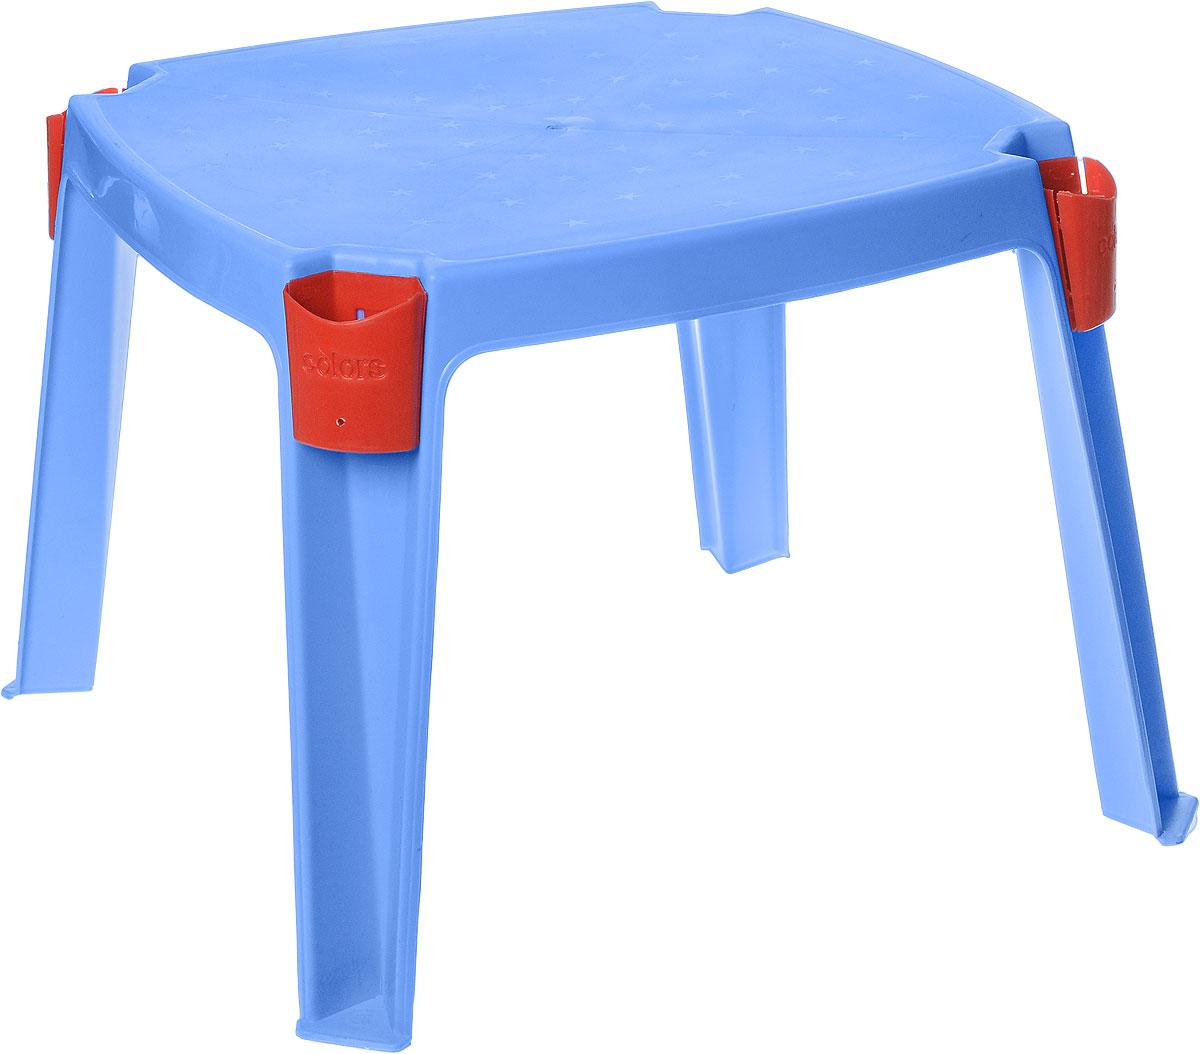 PalPlay Стол детский с карманами цвет голубой 53 см х 53 см364_голубойУдобный детский столик PalPlay необходим каждому ребенку. За столиком ребенок может играть, заниматься творчеством.Изделие, изготовленное из прочного, но легкого пластика, оснащено удобными кармашками для хранения различных предметов. Теперь у малыша будет отдельный столик, который идеально подойдет ему по размеру и он сможет приглашать на чаепитие своих друзей, в том числе и плюшевых, а также заниматься творческой работой: рисовать, лепить, раскрашивать.